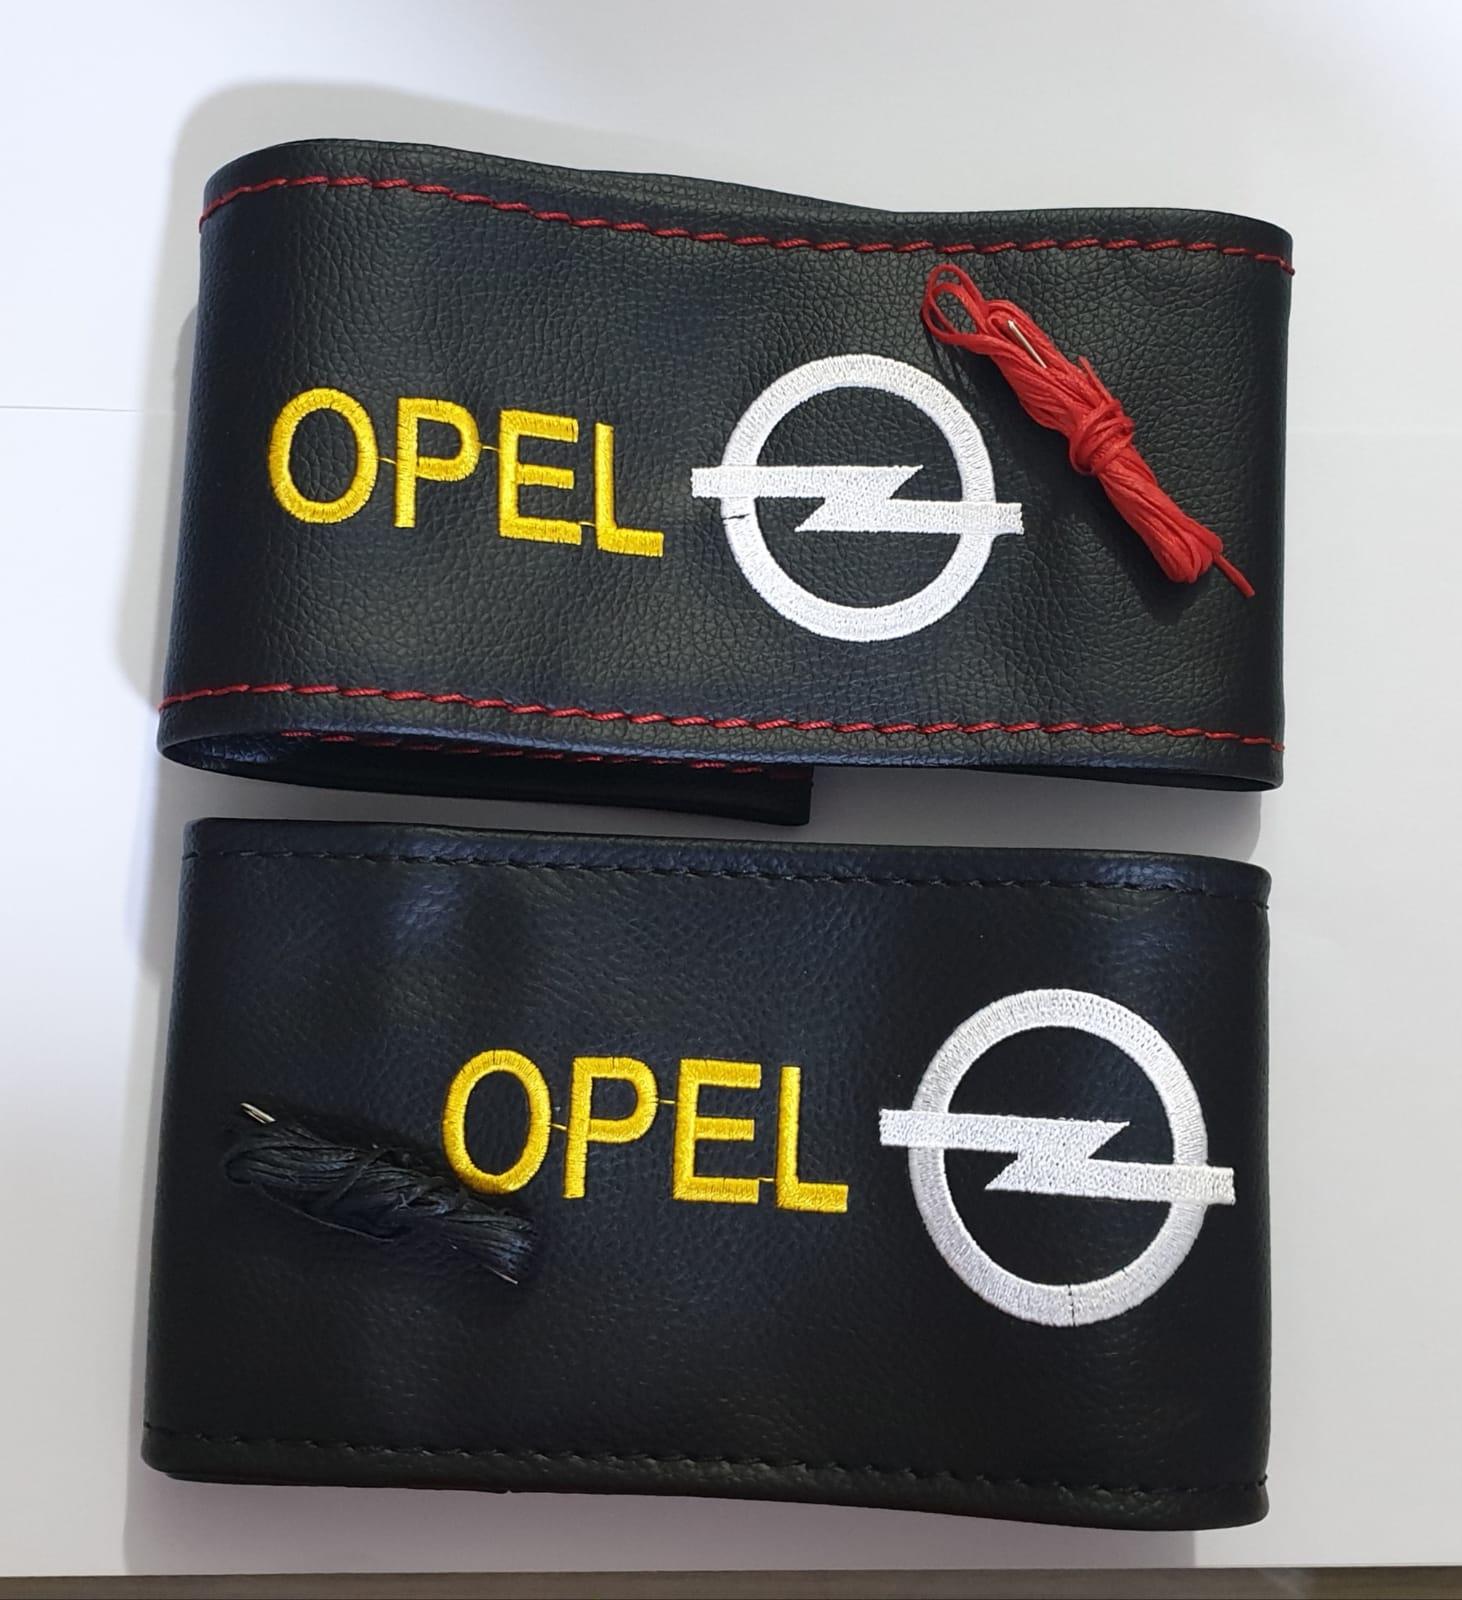 Opel Nakışlı Oto Dikme Direksiyon Kılıfı Dikişli ipli